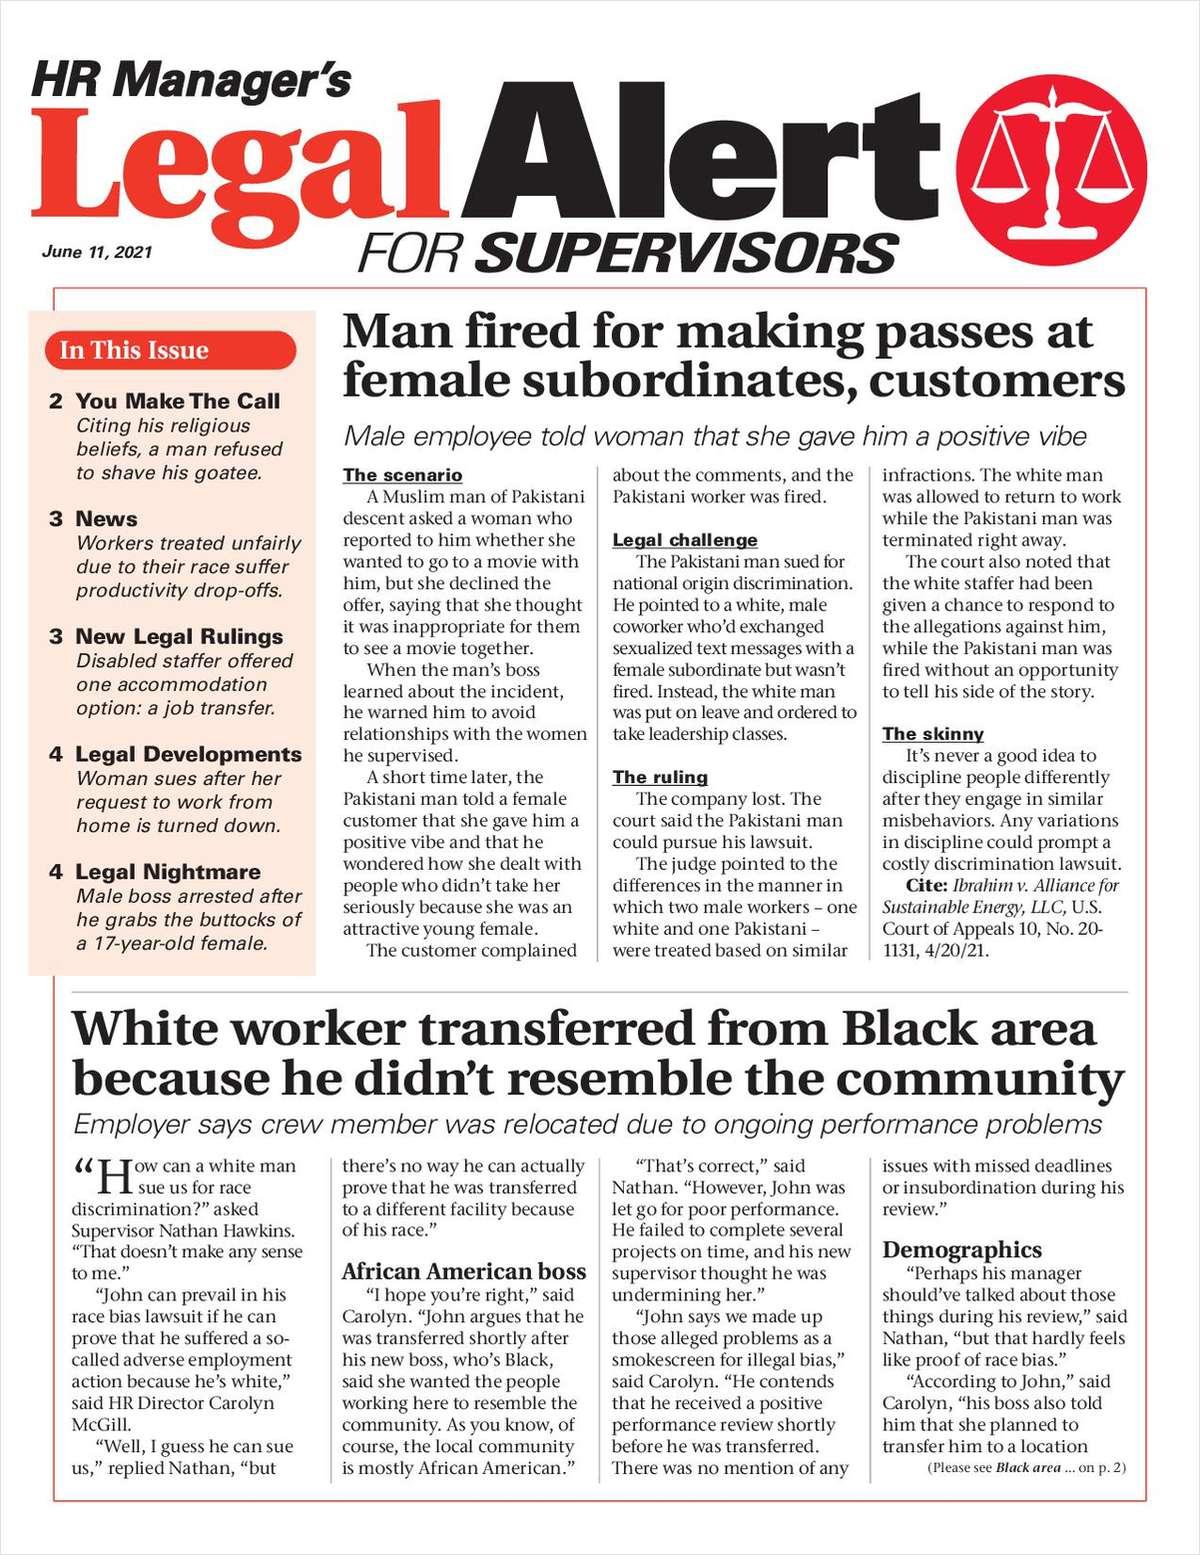 HR Manager's Legal Alert for Supervisors Newsletter: June 11 Edition